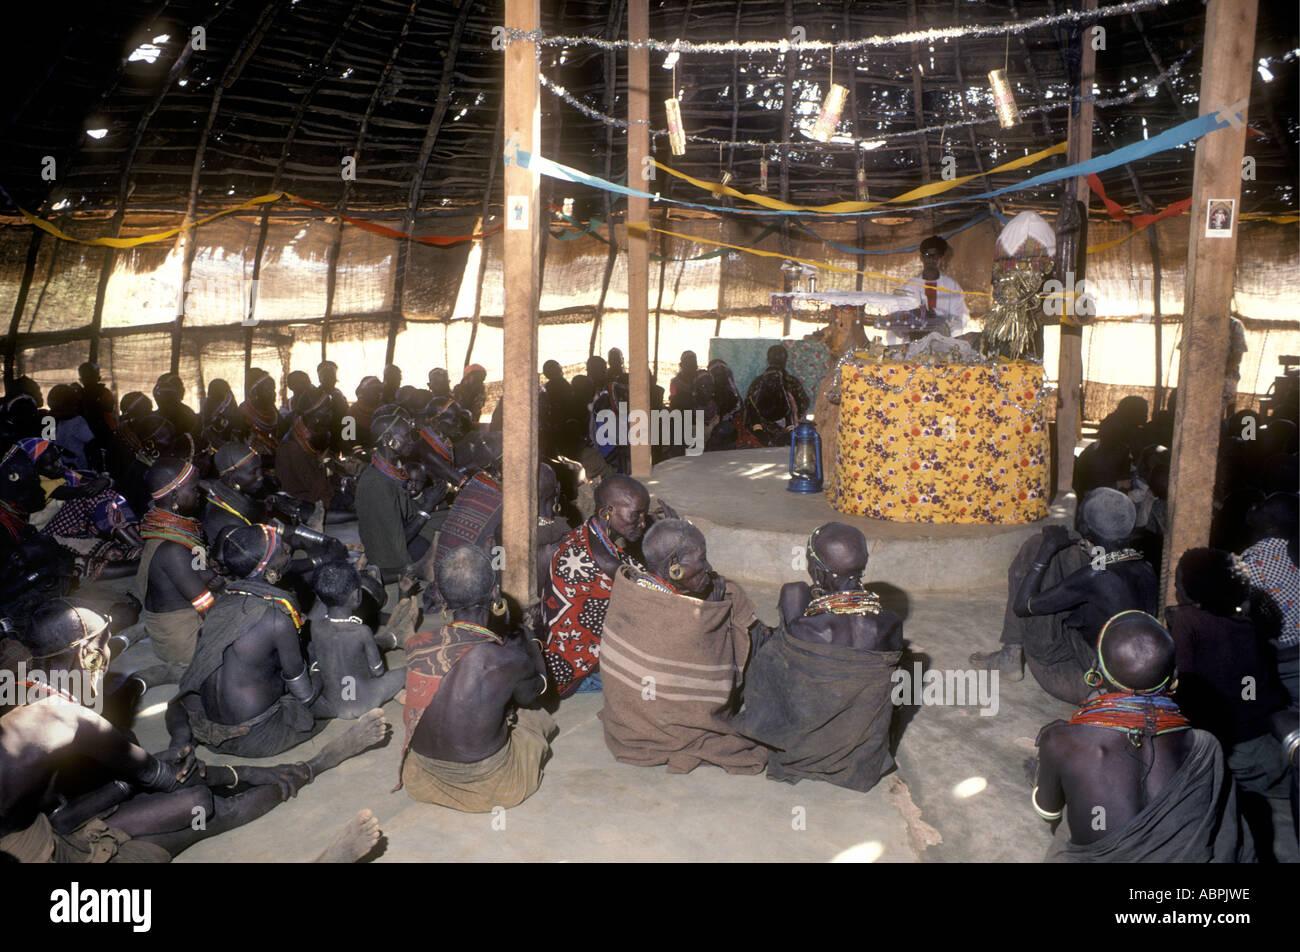 Un service à l'intérieur d'une église chrétienne à Korr, dans le nord du Kenya Afrique de l'Est Photo Stock